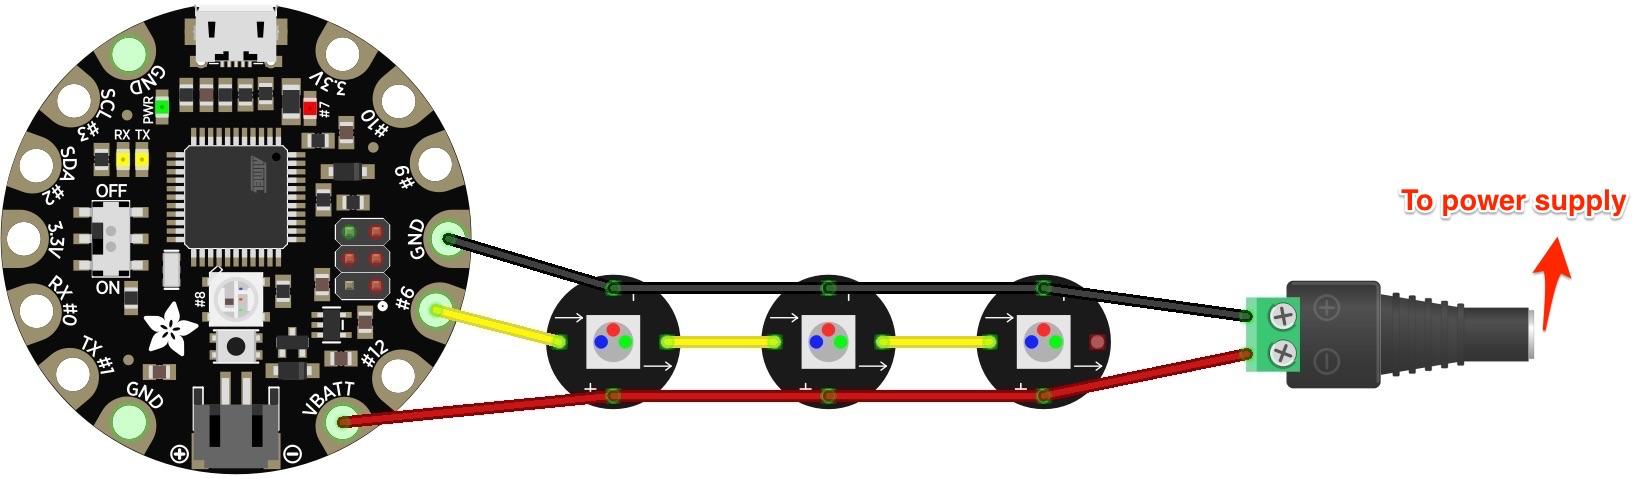 adafruit_products_simple_strand_wiring.jpg